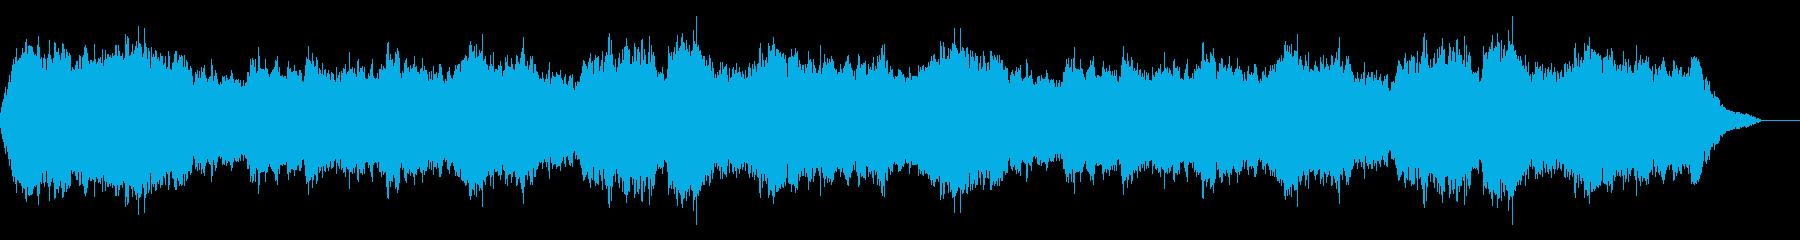 宇宙をイメージした神秘的なアンビエント曲の再生済みの波形